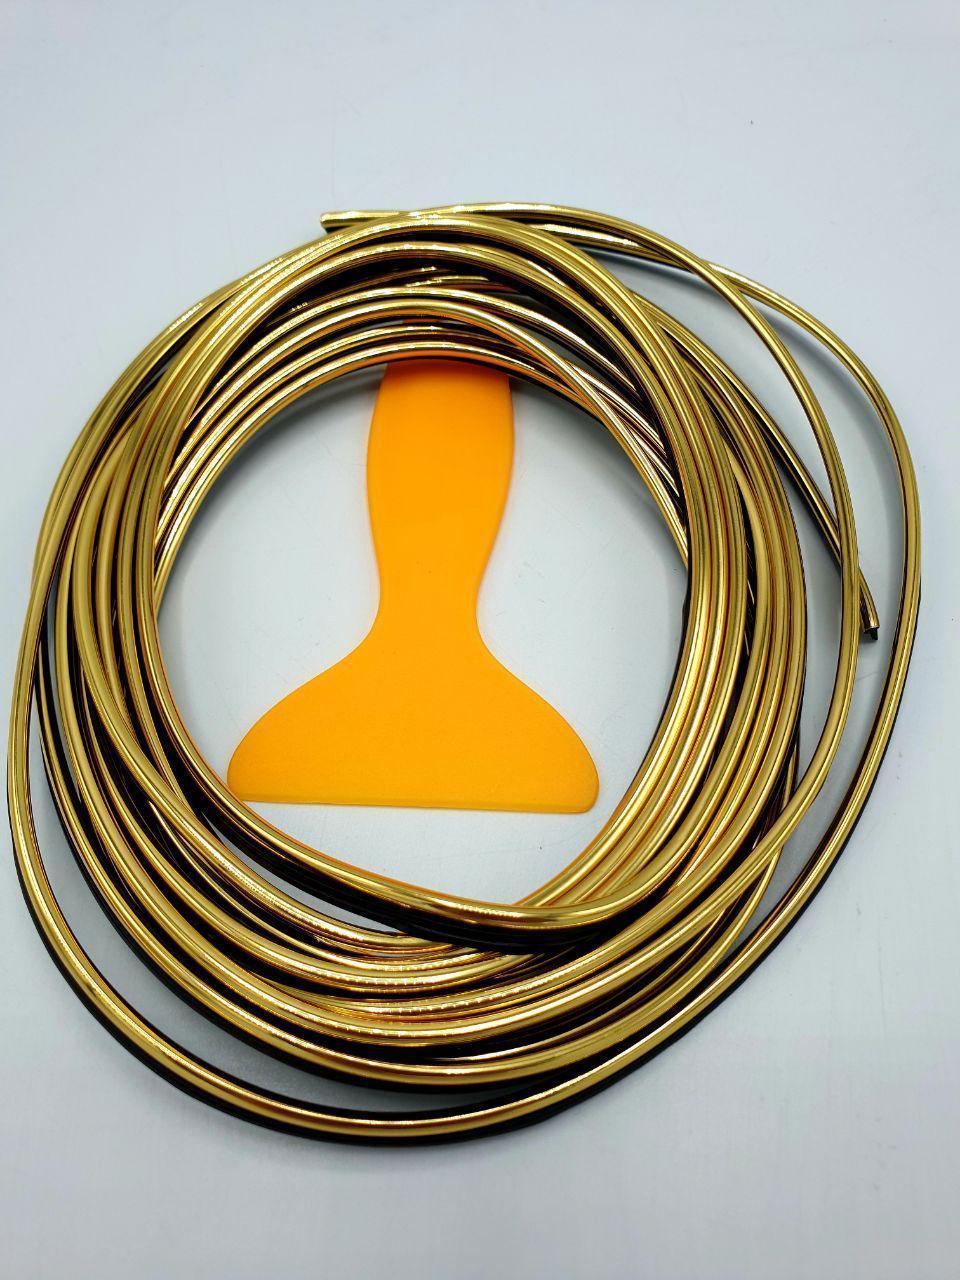 Стайлінг молдинг 3D стрічка для декору салону авто / Золото / 5м